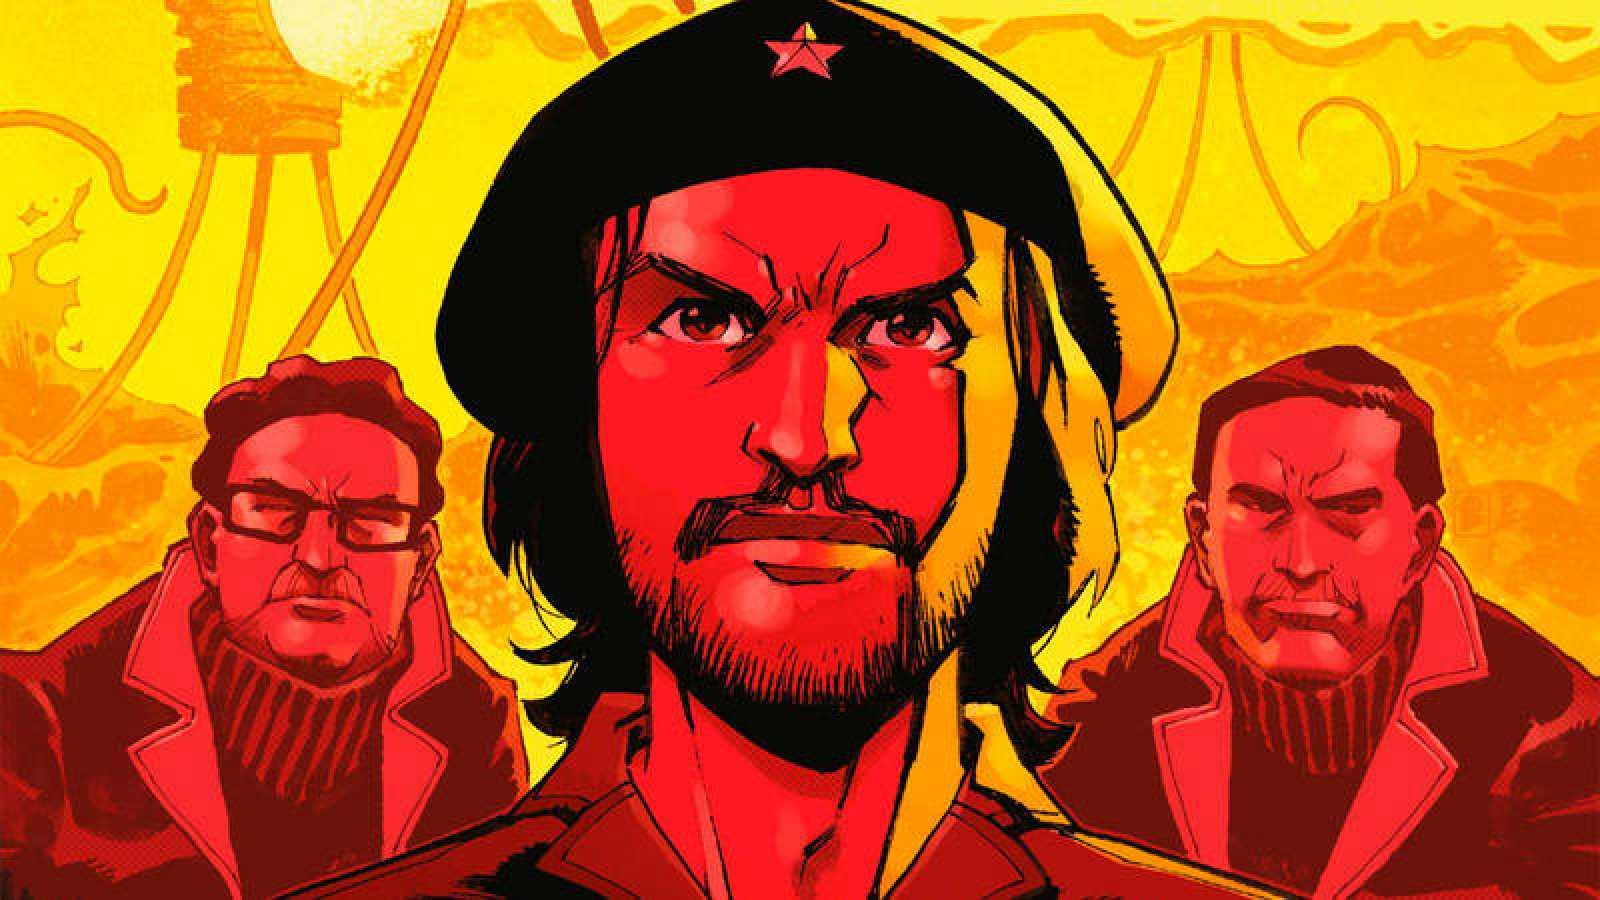 Allende Pinochet Y Che Guevara Juntos En Una Apasionante Ucronia Rtve Es